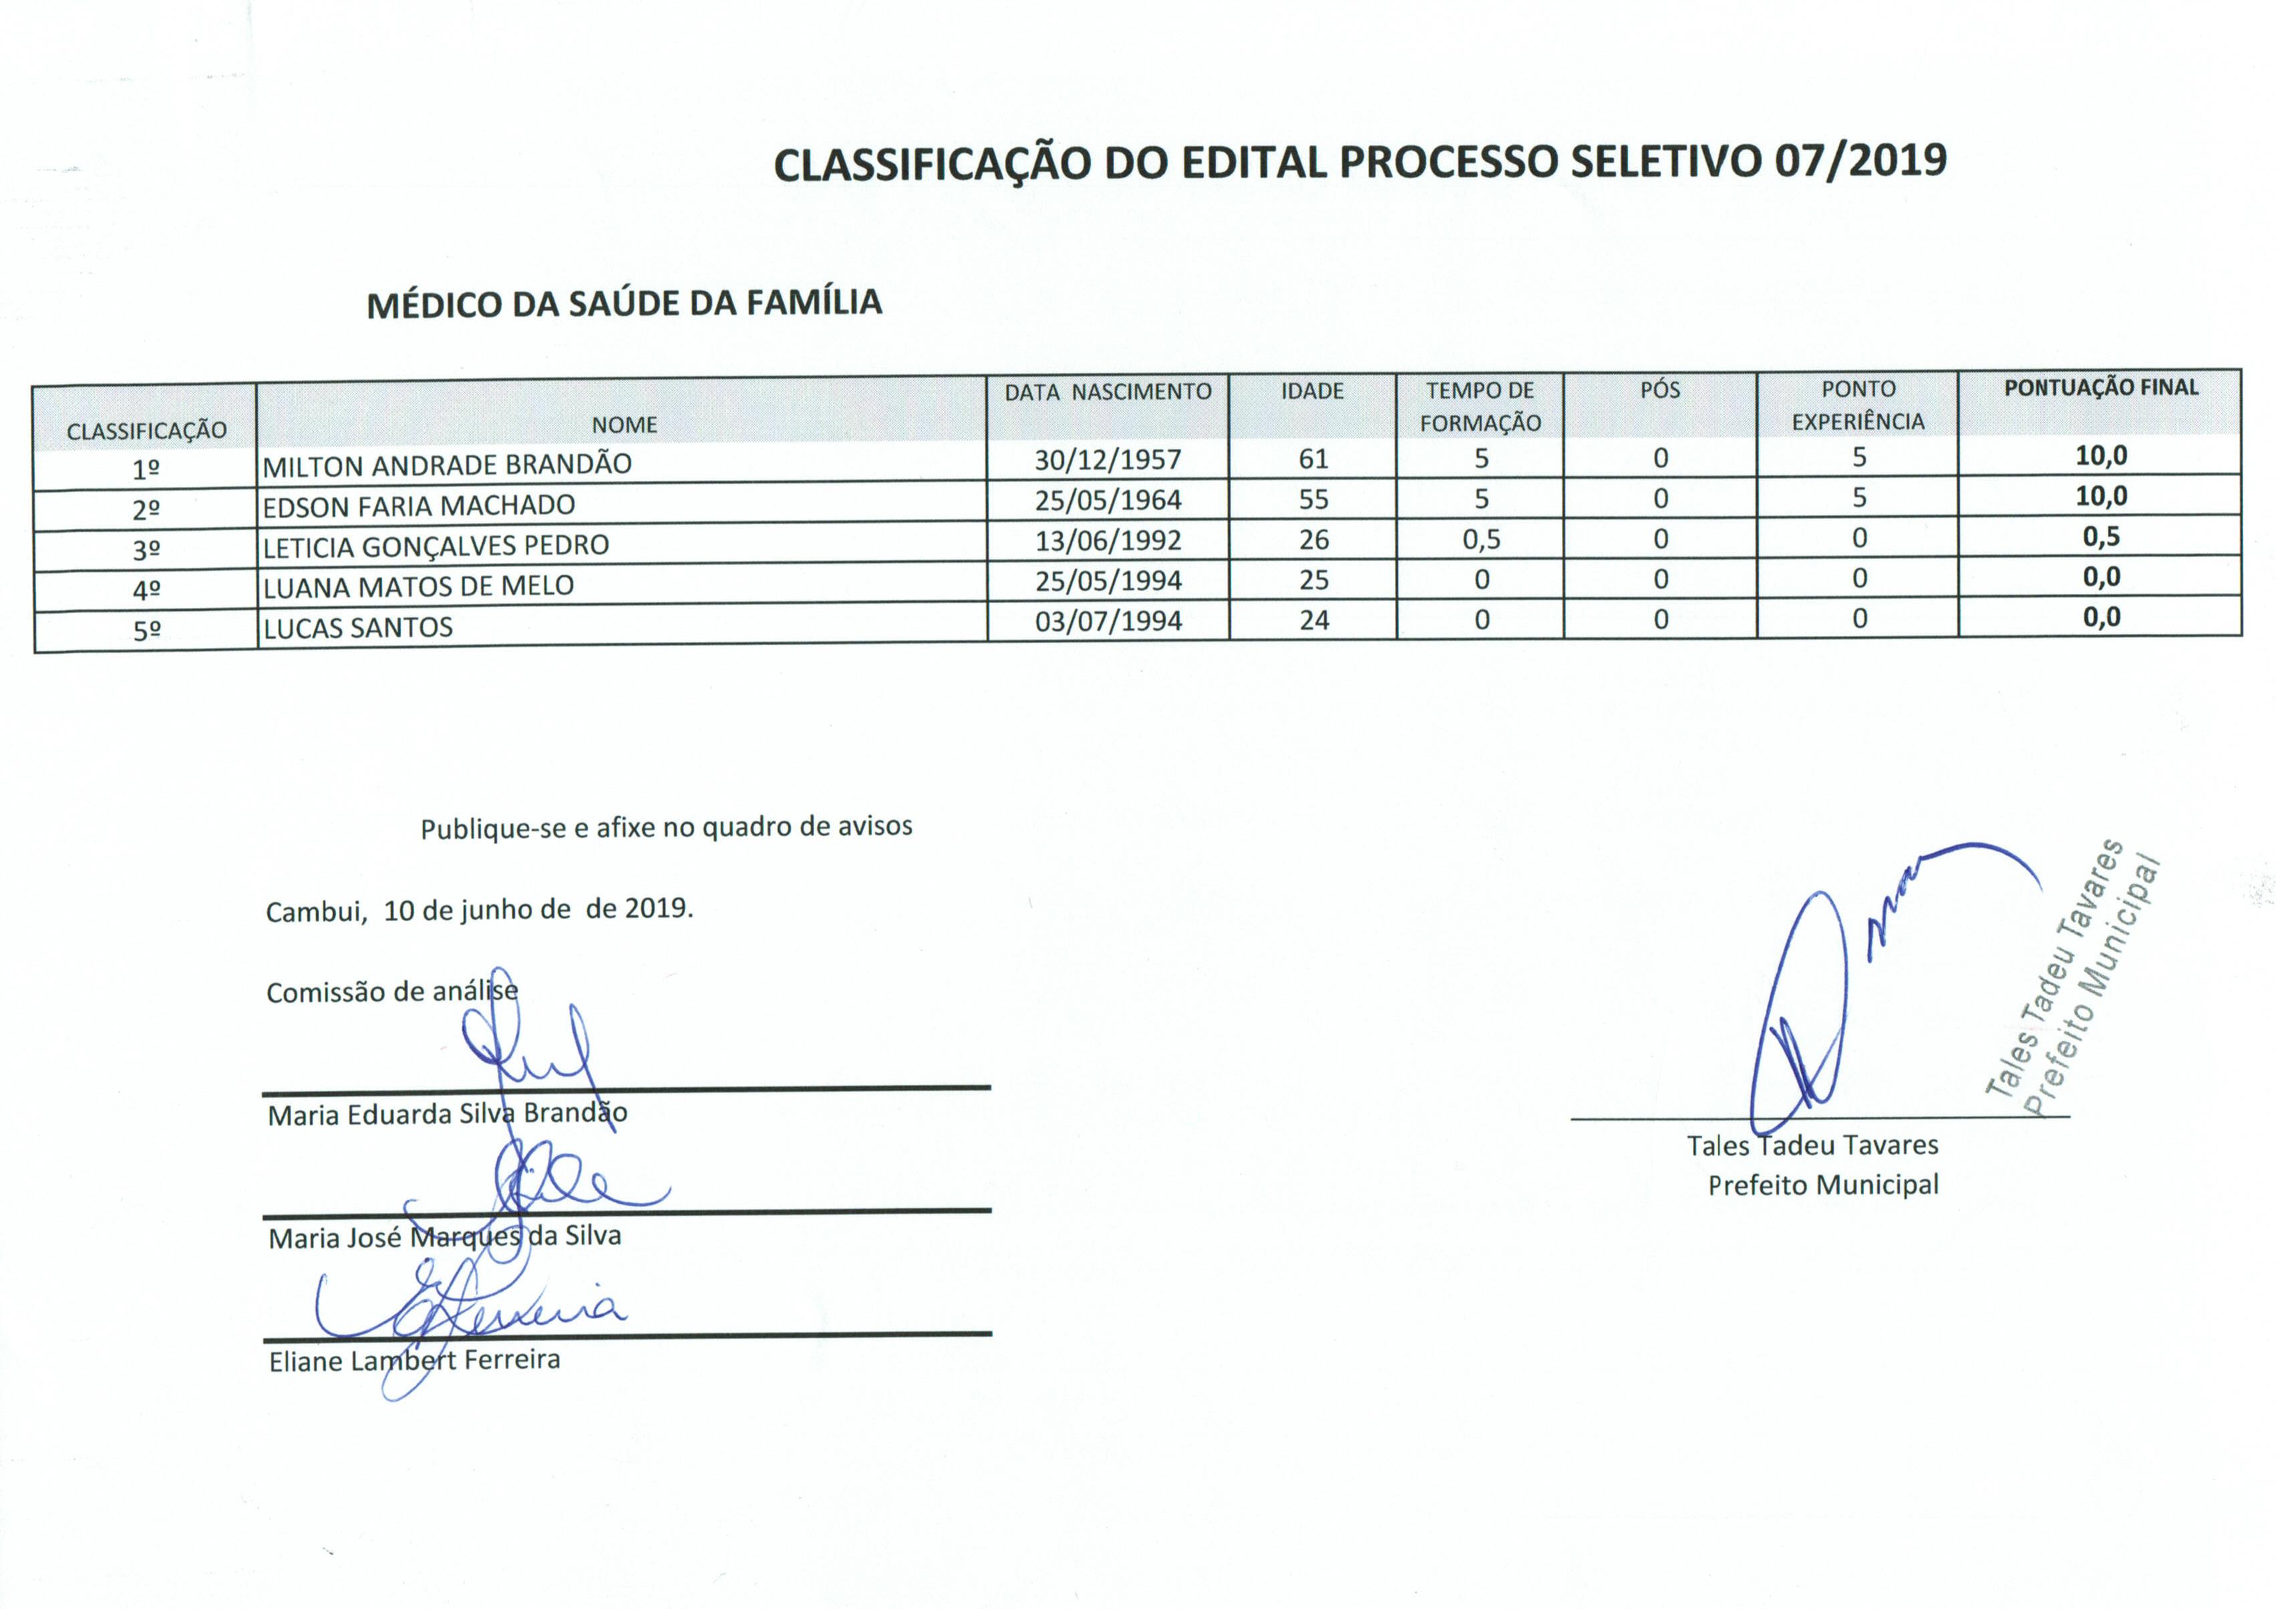 EDIT02